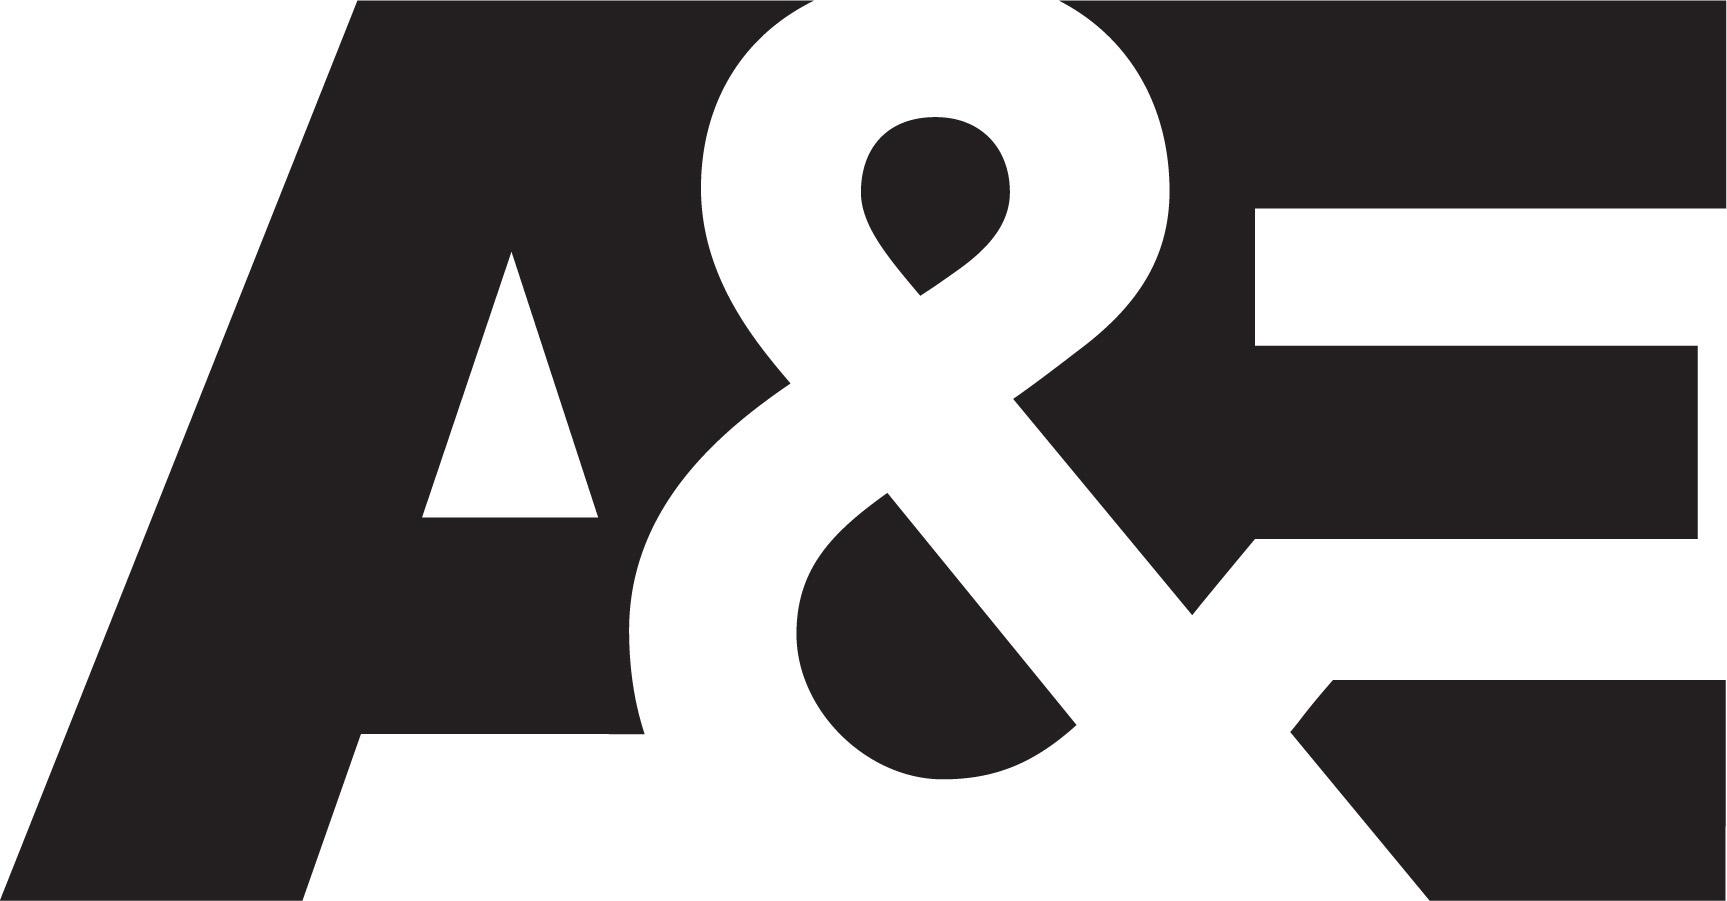 A&E HD.jpg